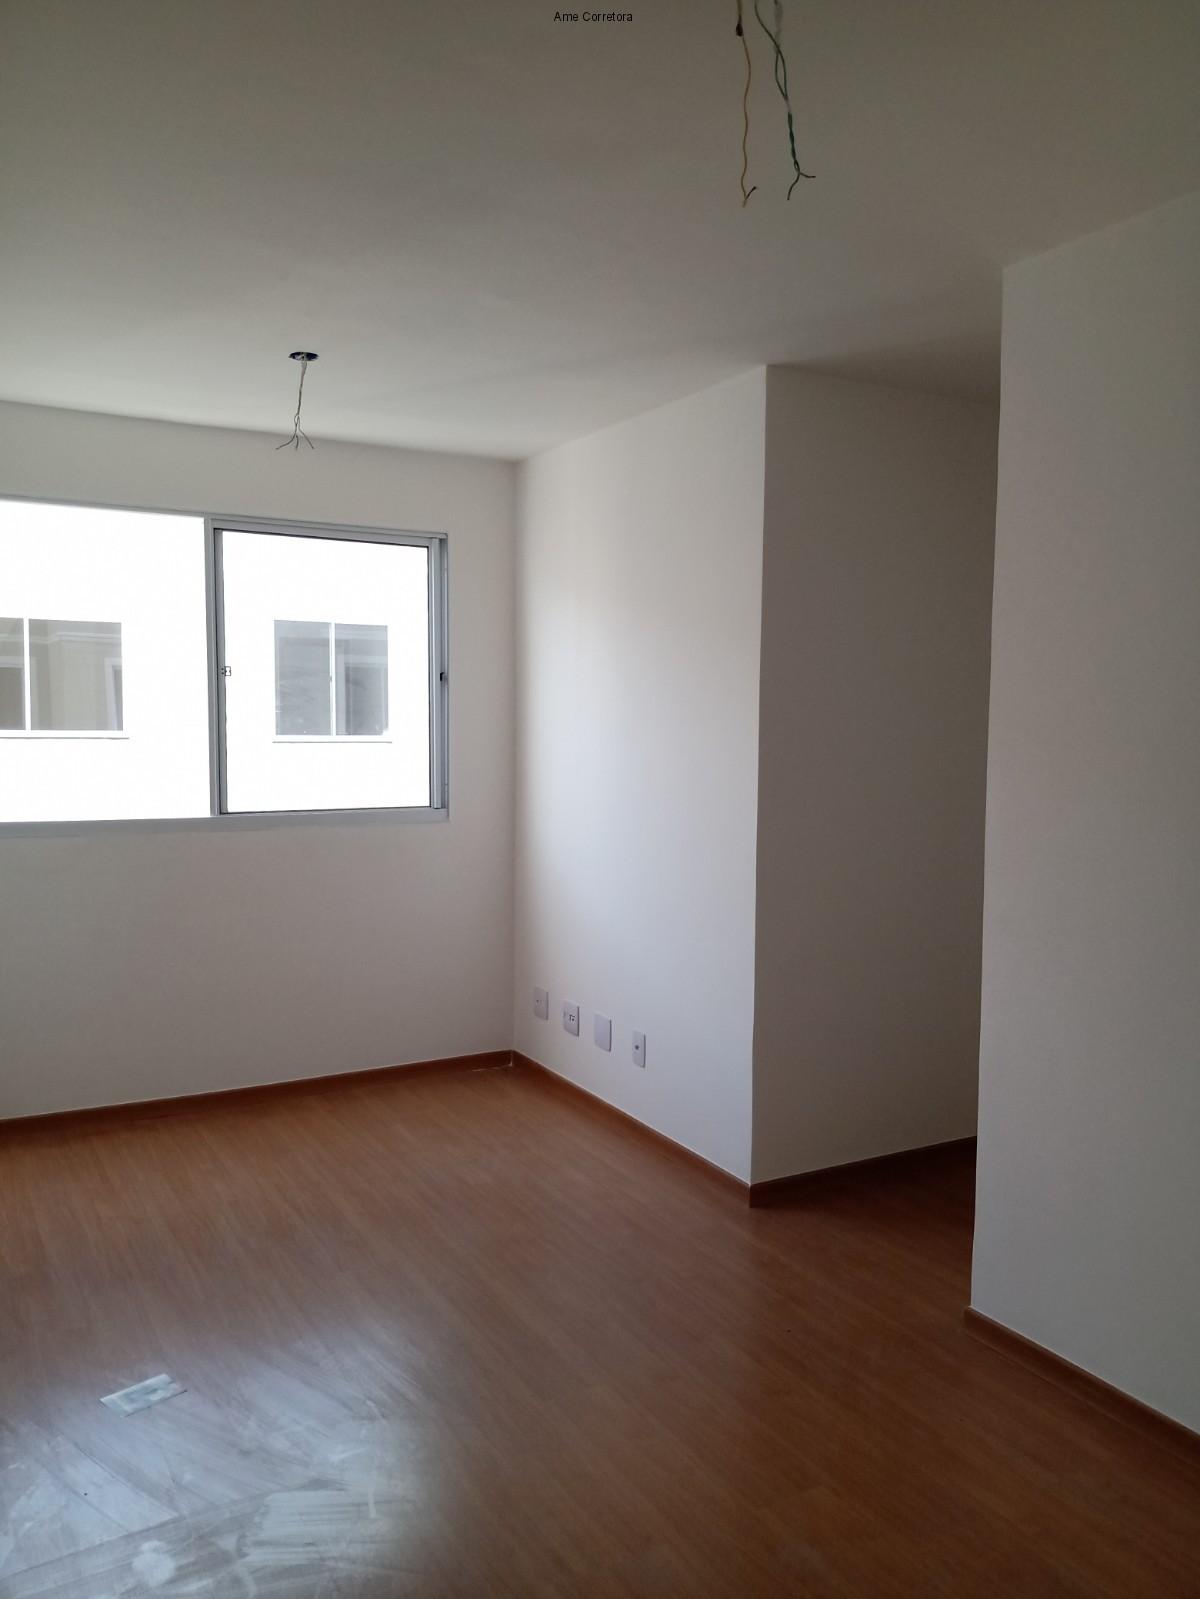 FOTO 01 - Apartamento 2 quartos para alugar Campo Grande, Rio de Janeiro - R$ 950 - AP00451 - 1